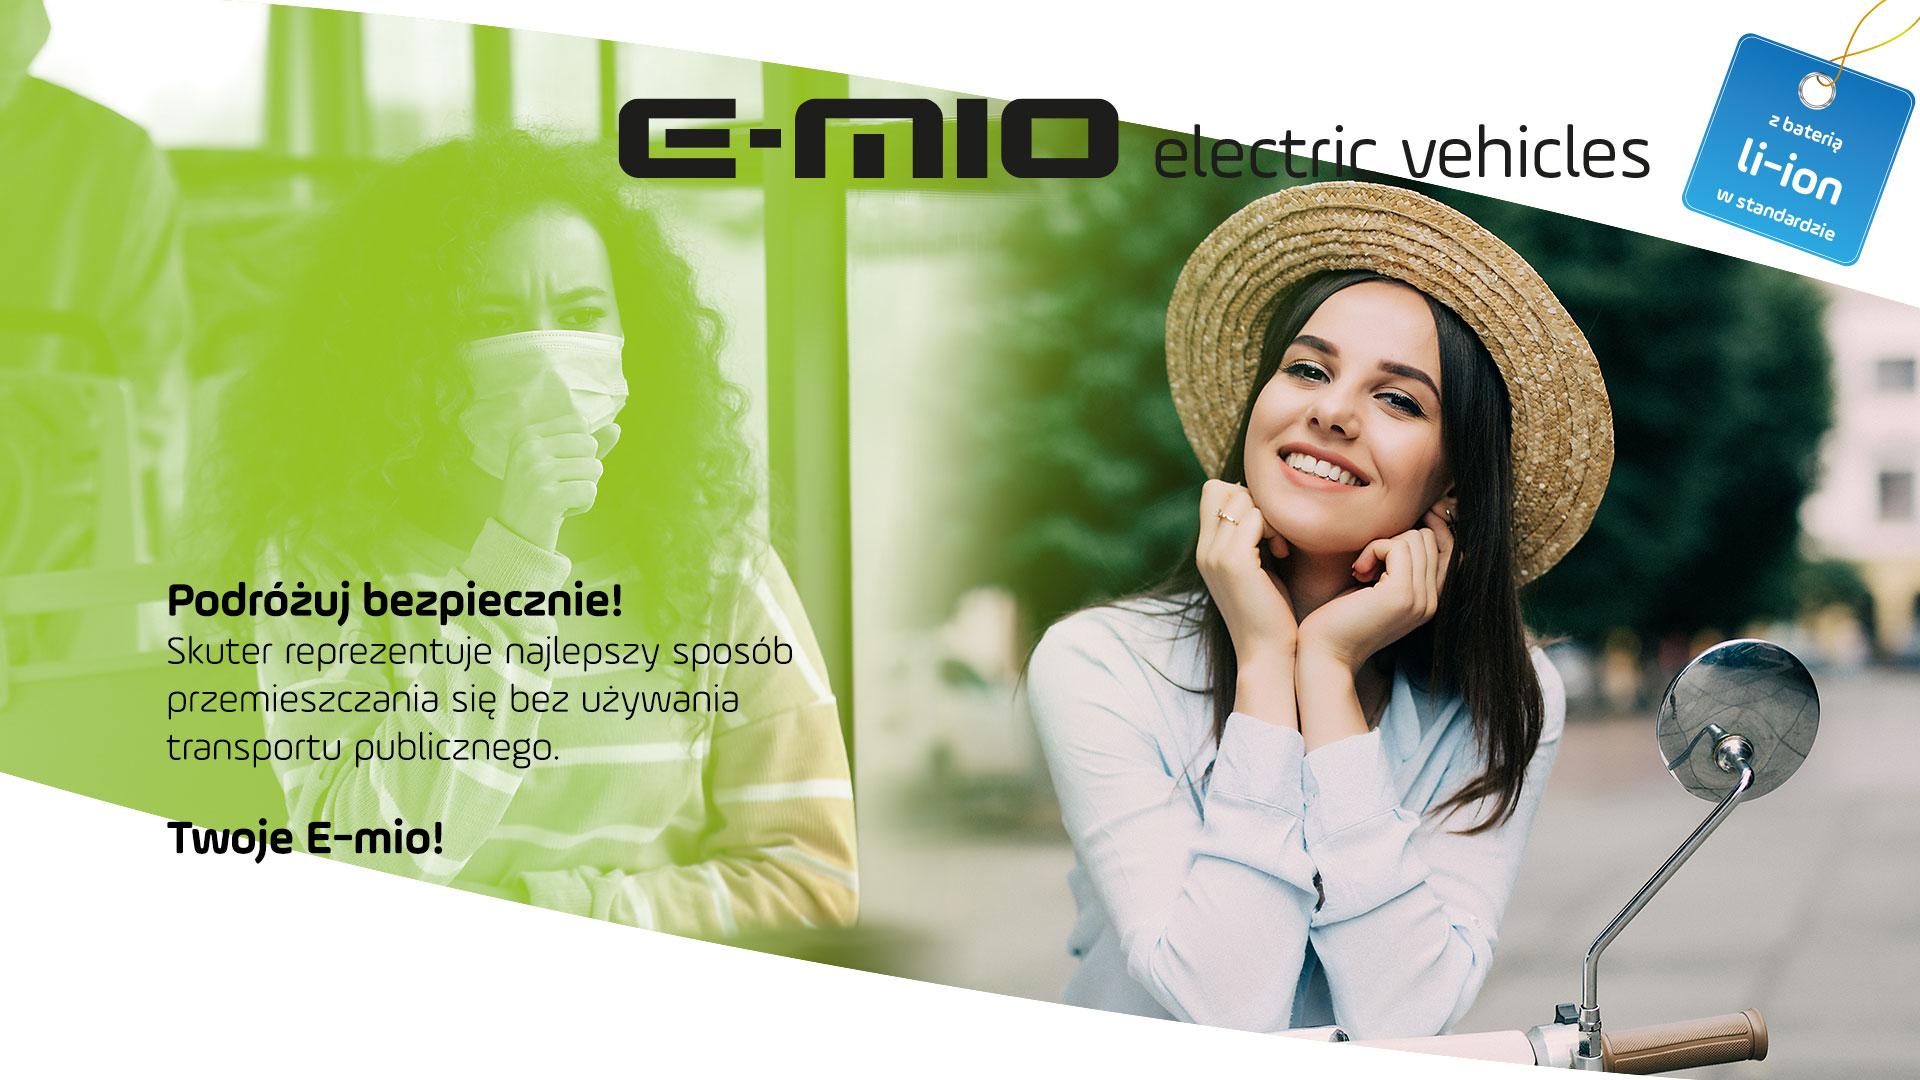 Podróżuj E-mio, podróżuj zdrowo!